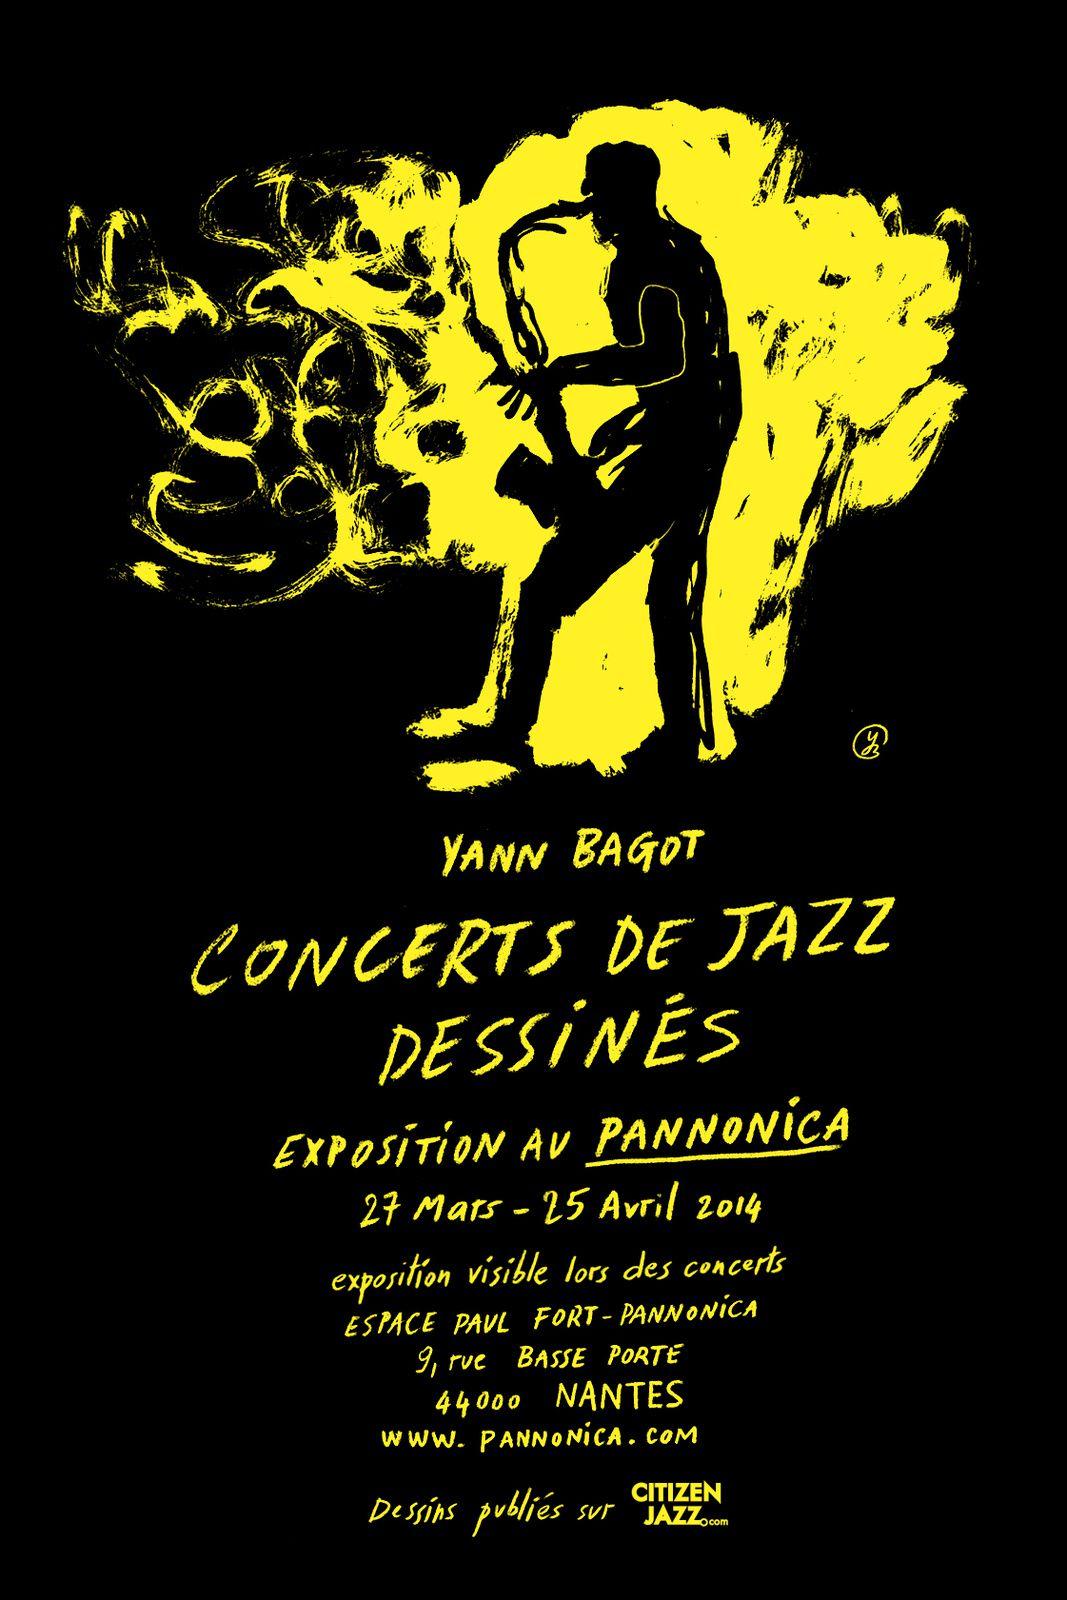 Exposition / Concerts de jazz dessinés